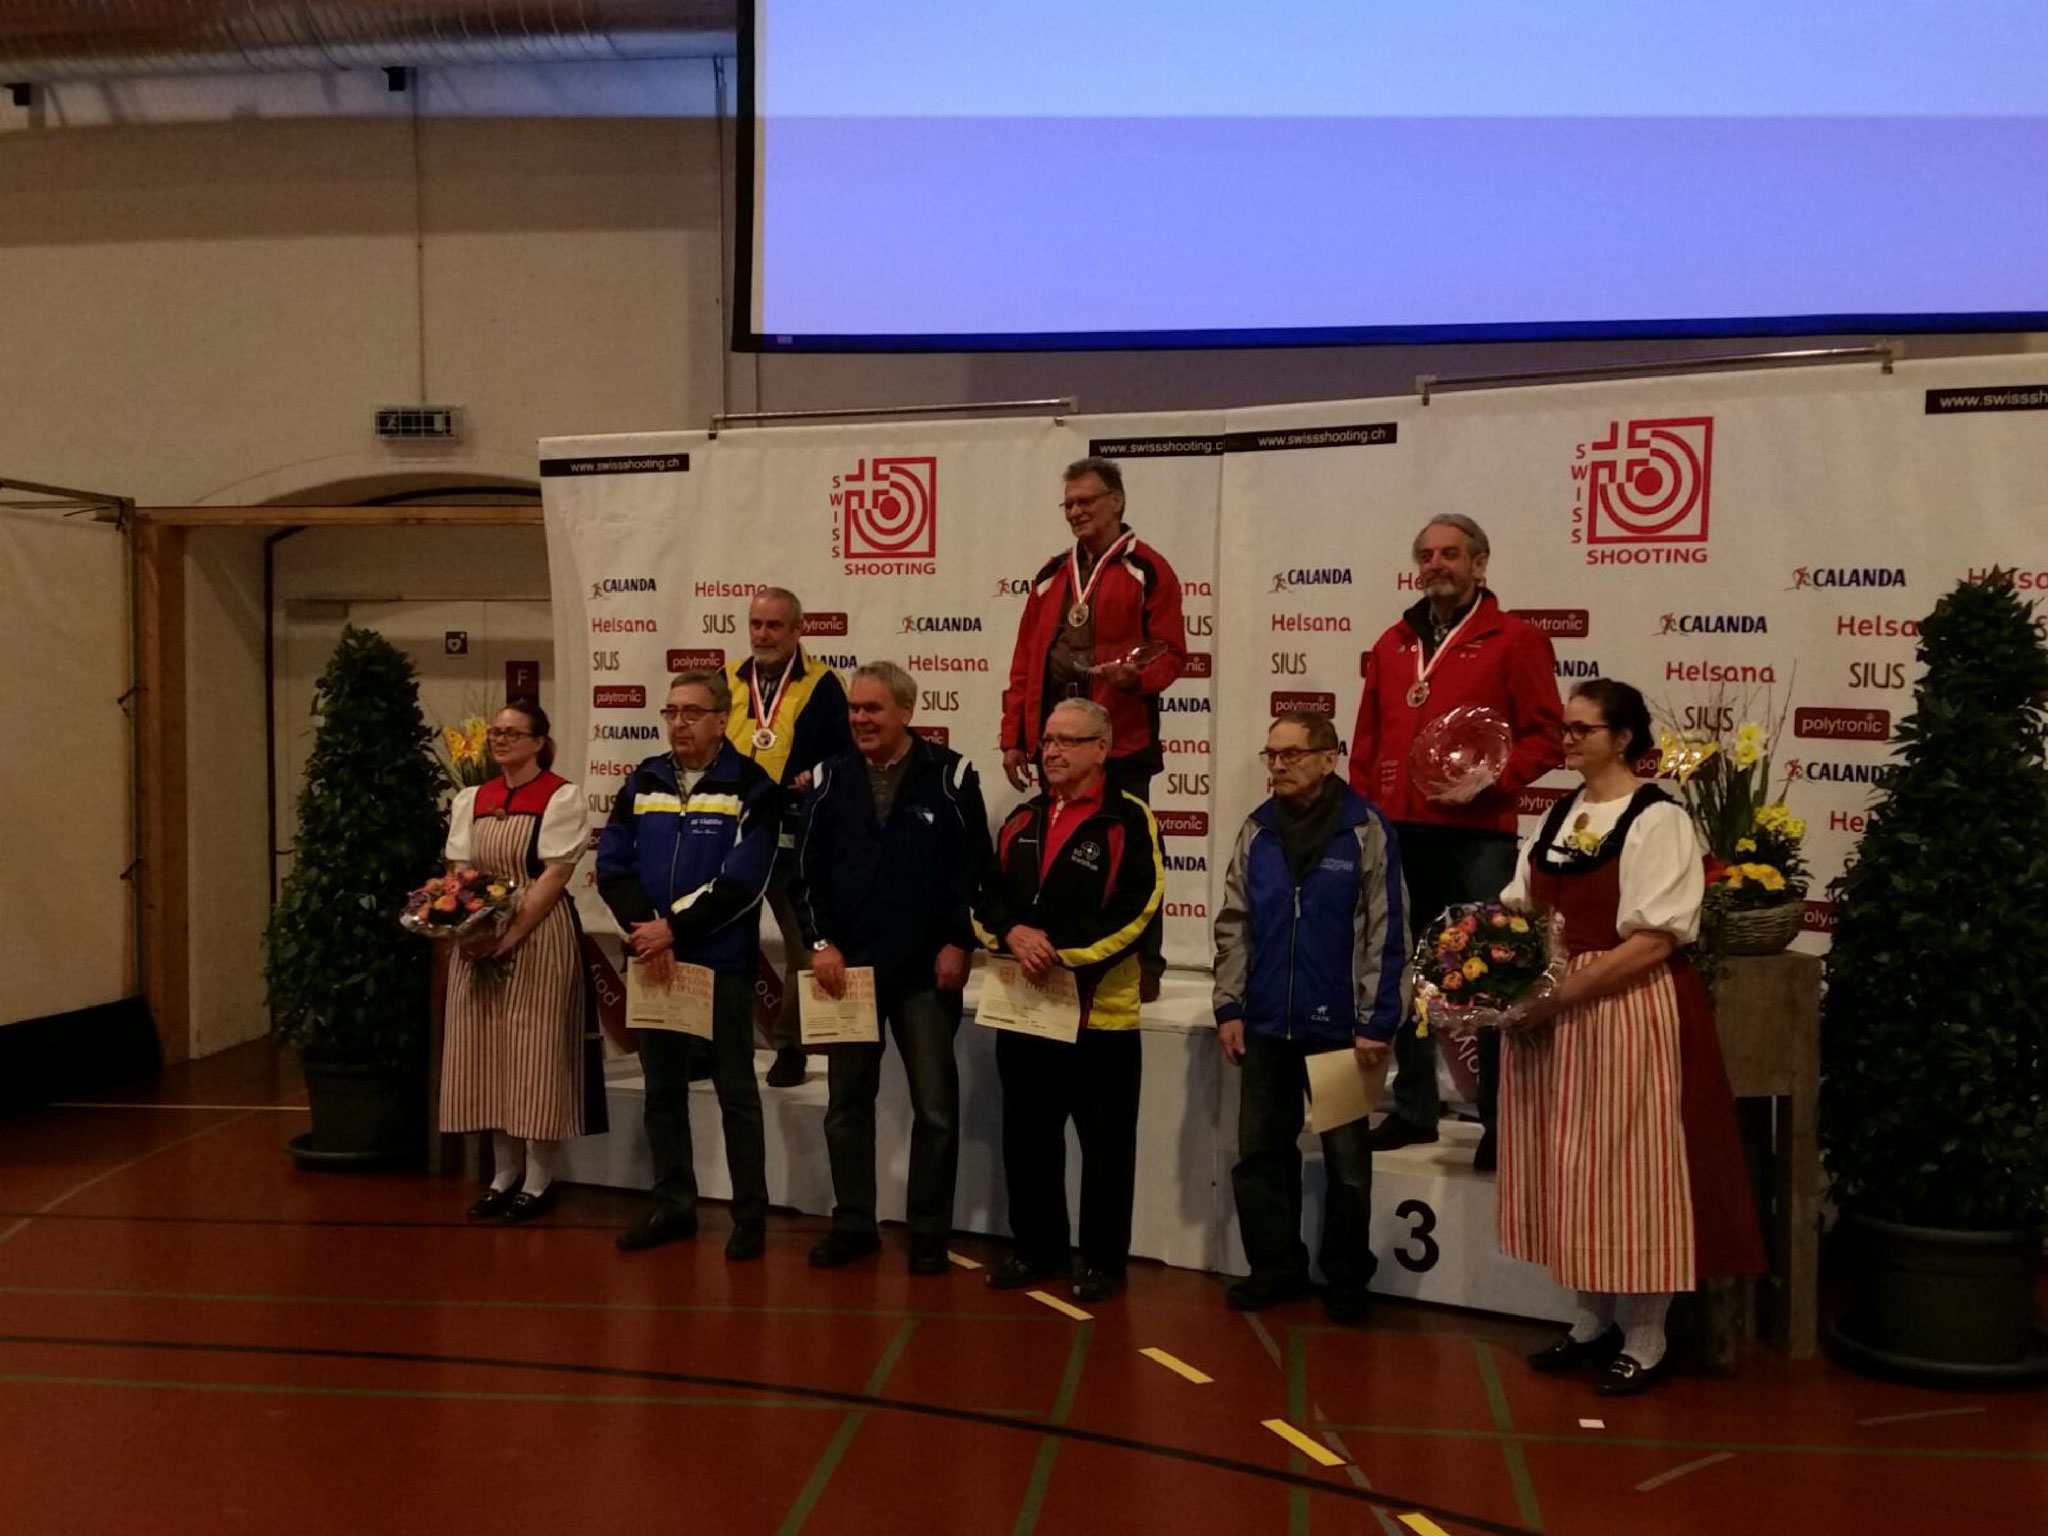 10m Schweizermeisterschaft 2017 in Bern - Seniorveteranen Auflageschiessen 3. Rang Guido Sgier